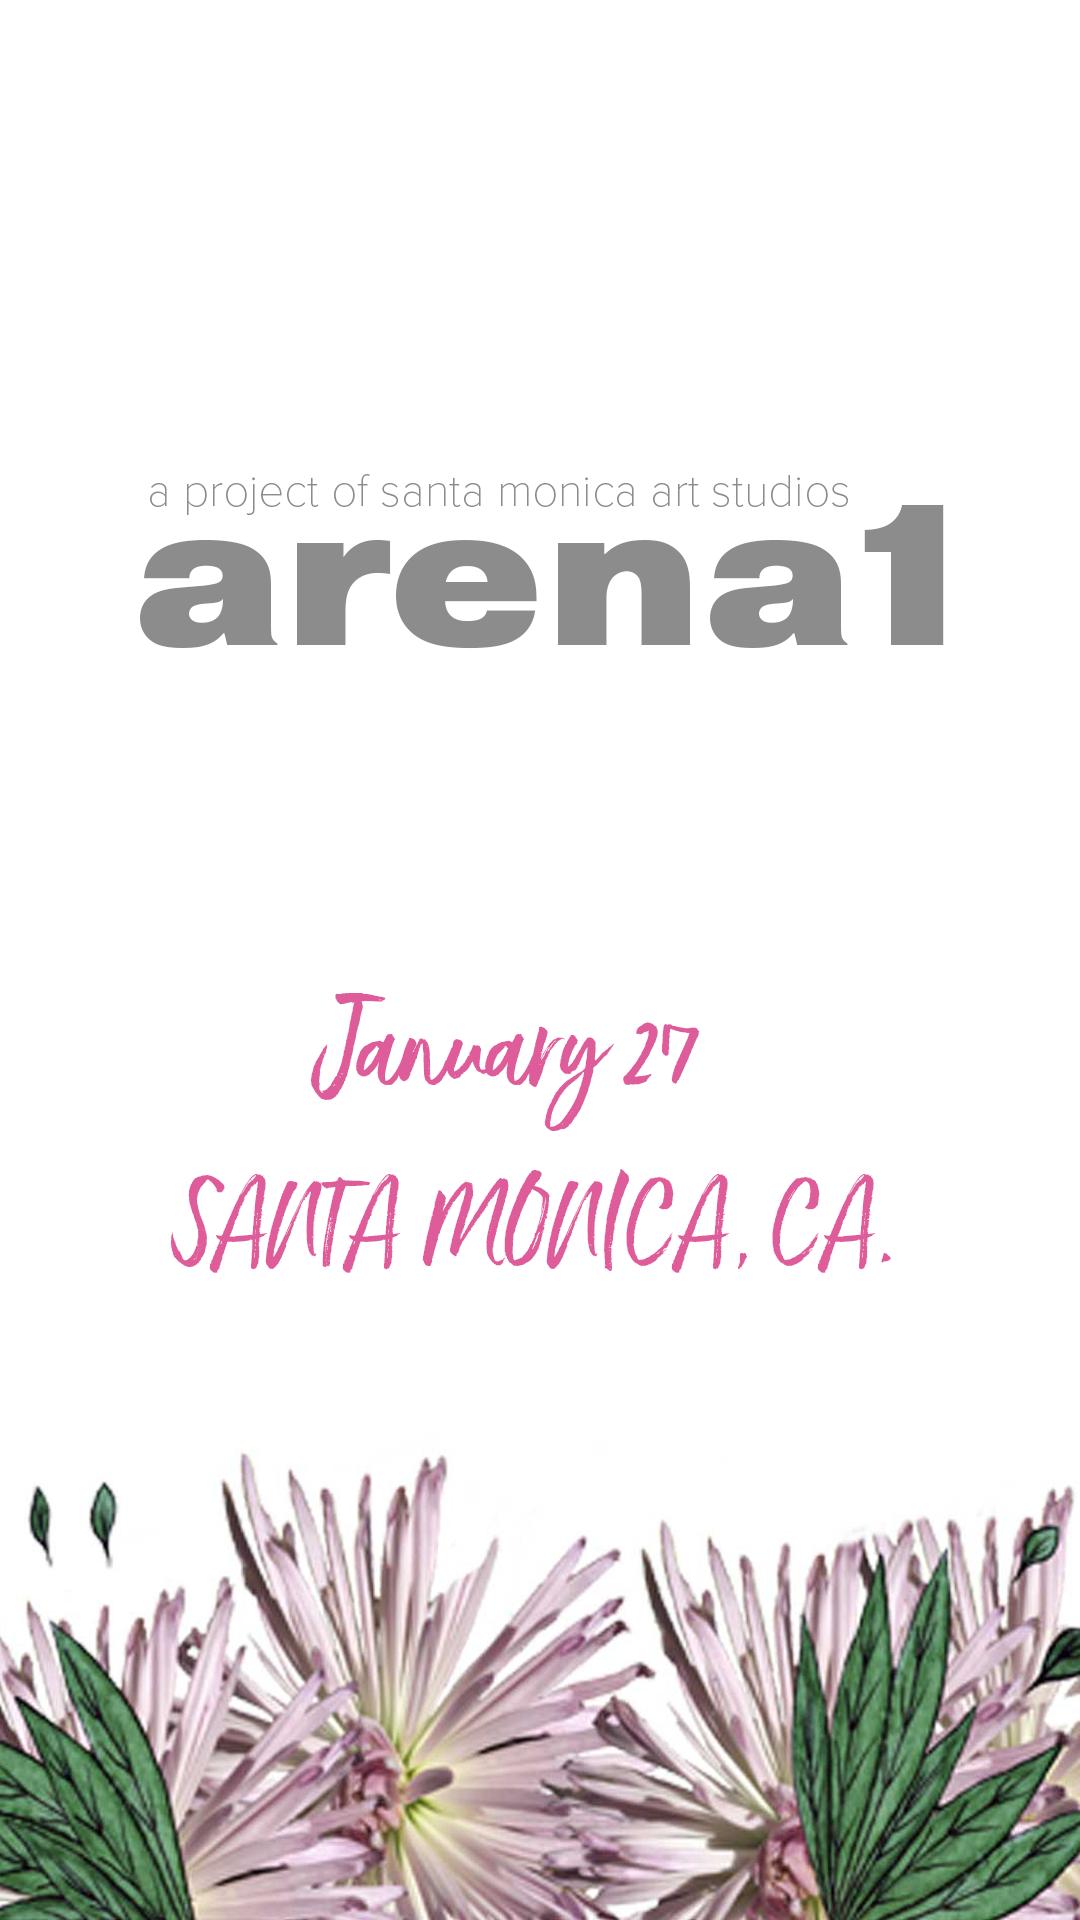 Arena 1 Gallery Santa Monica, CA